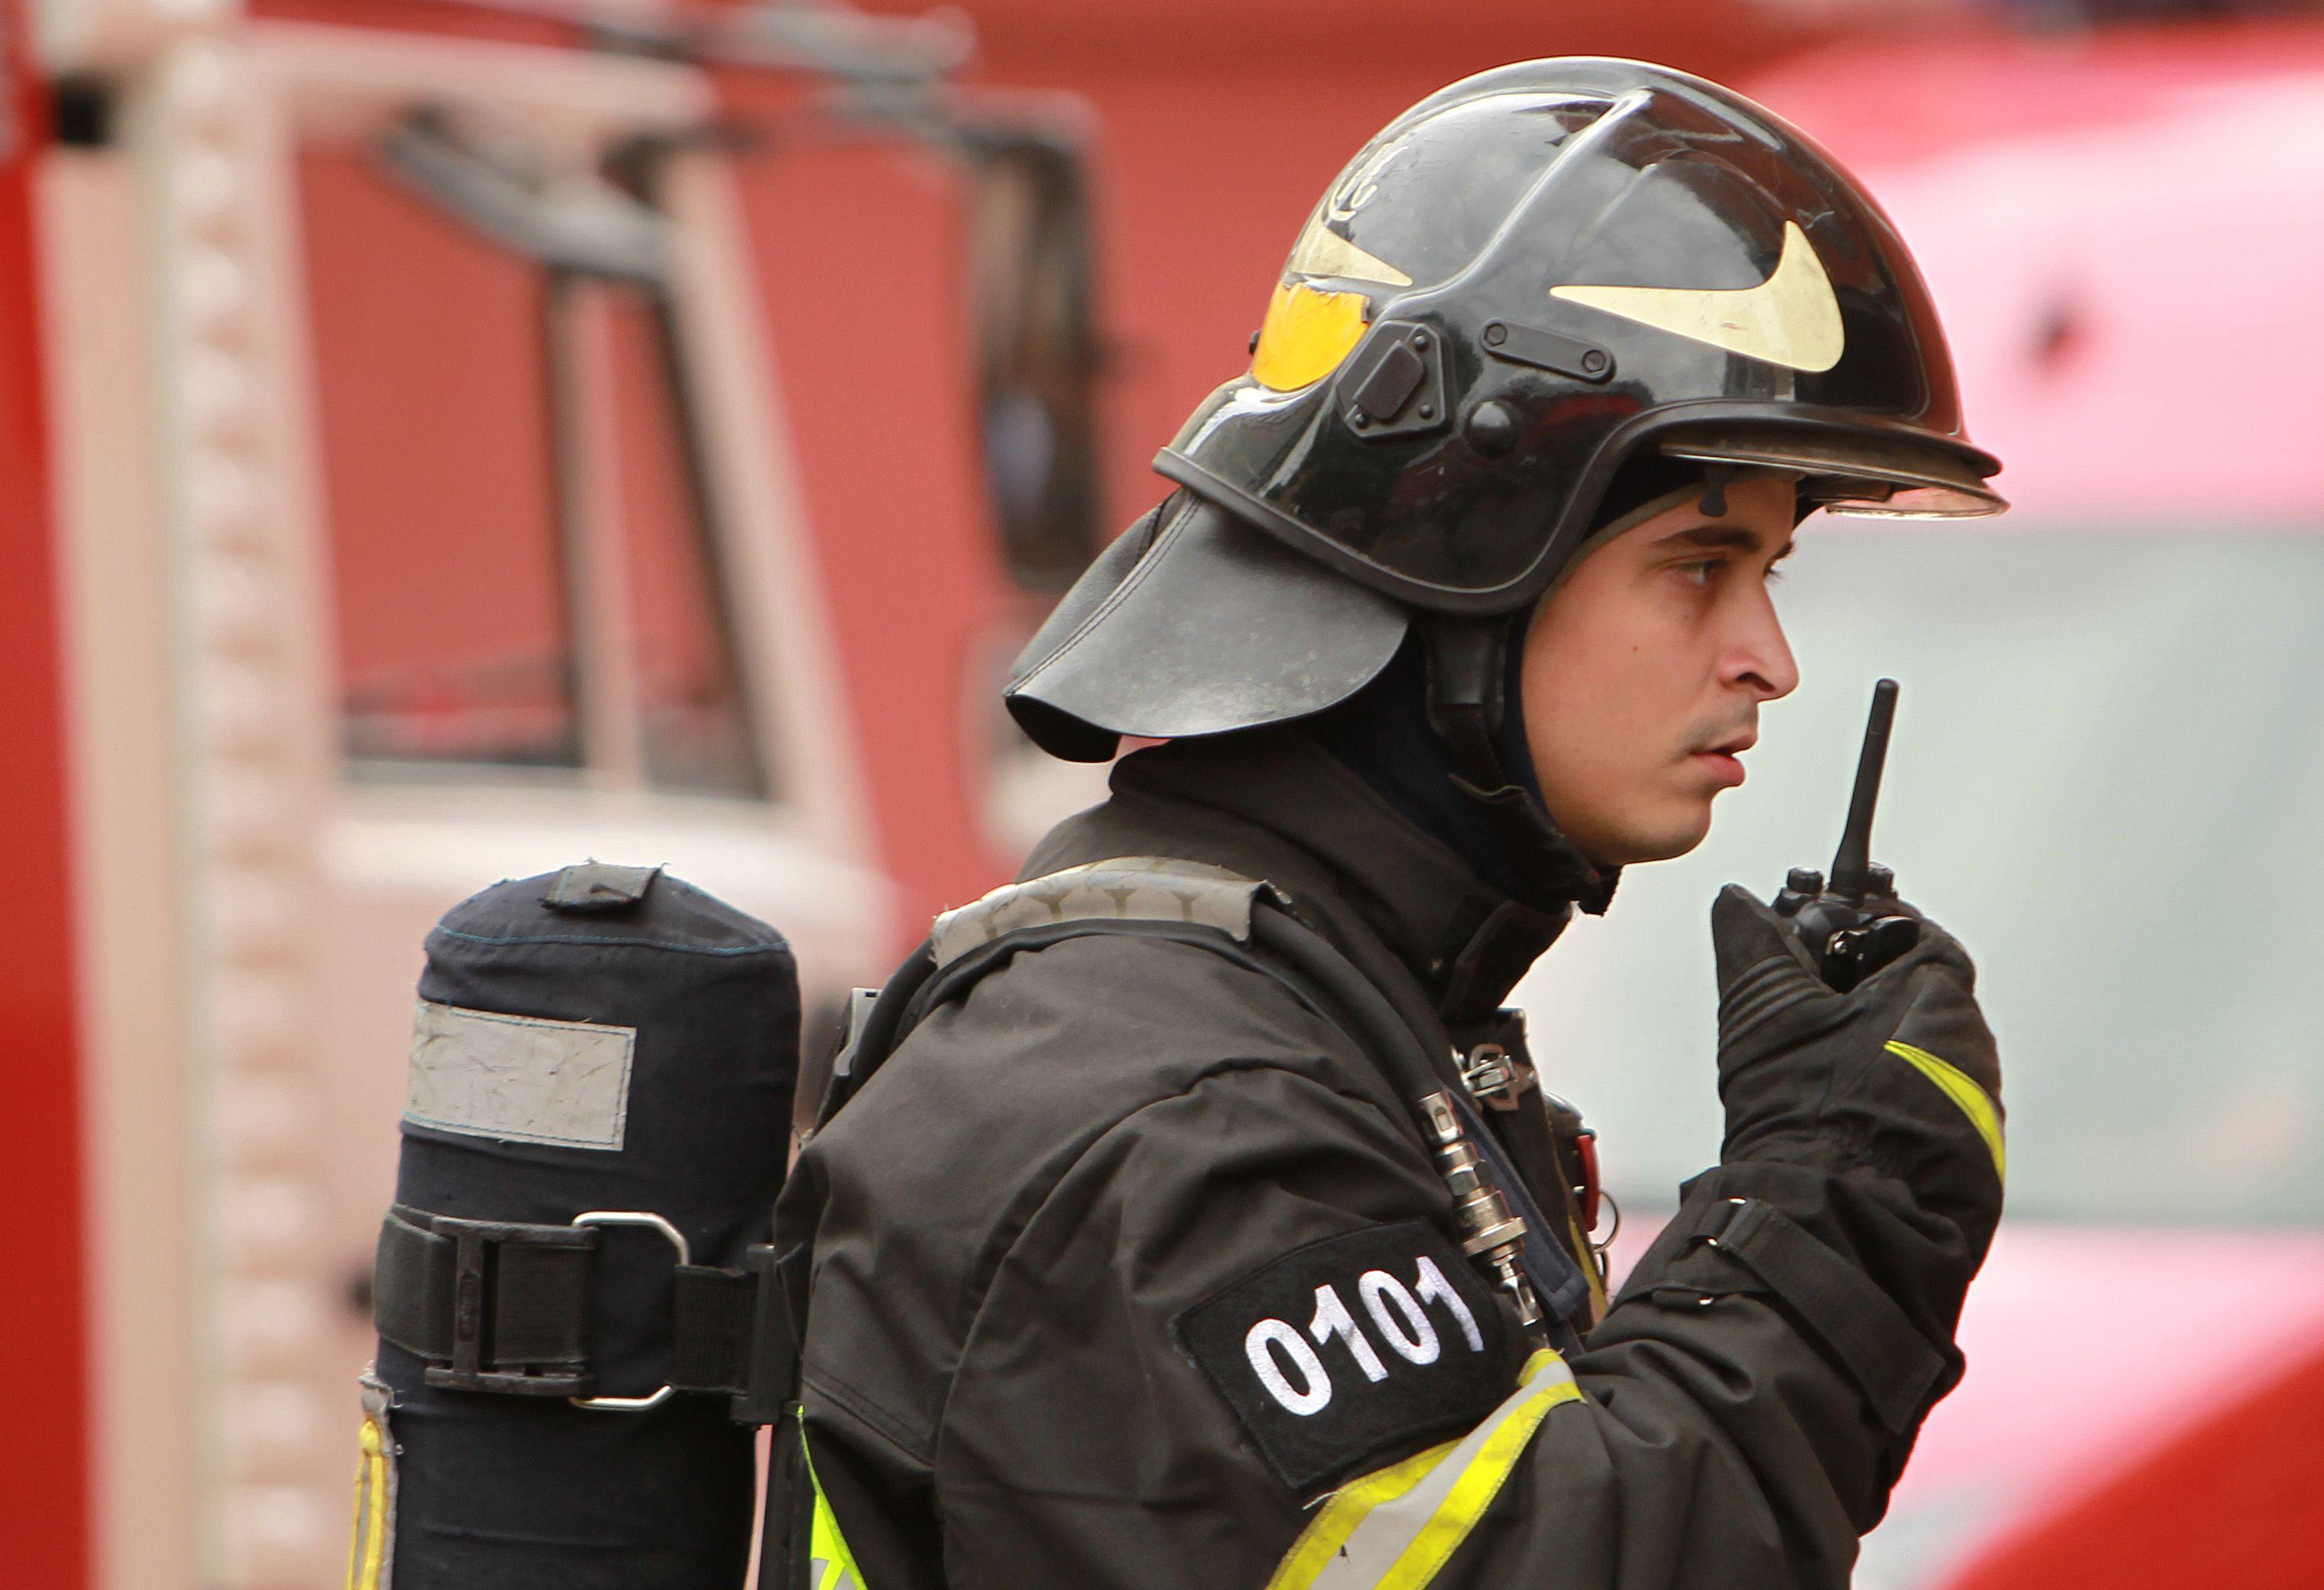 Спасатели ликвидировали пожар на юге Москвы